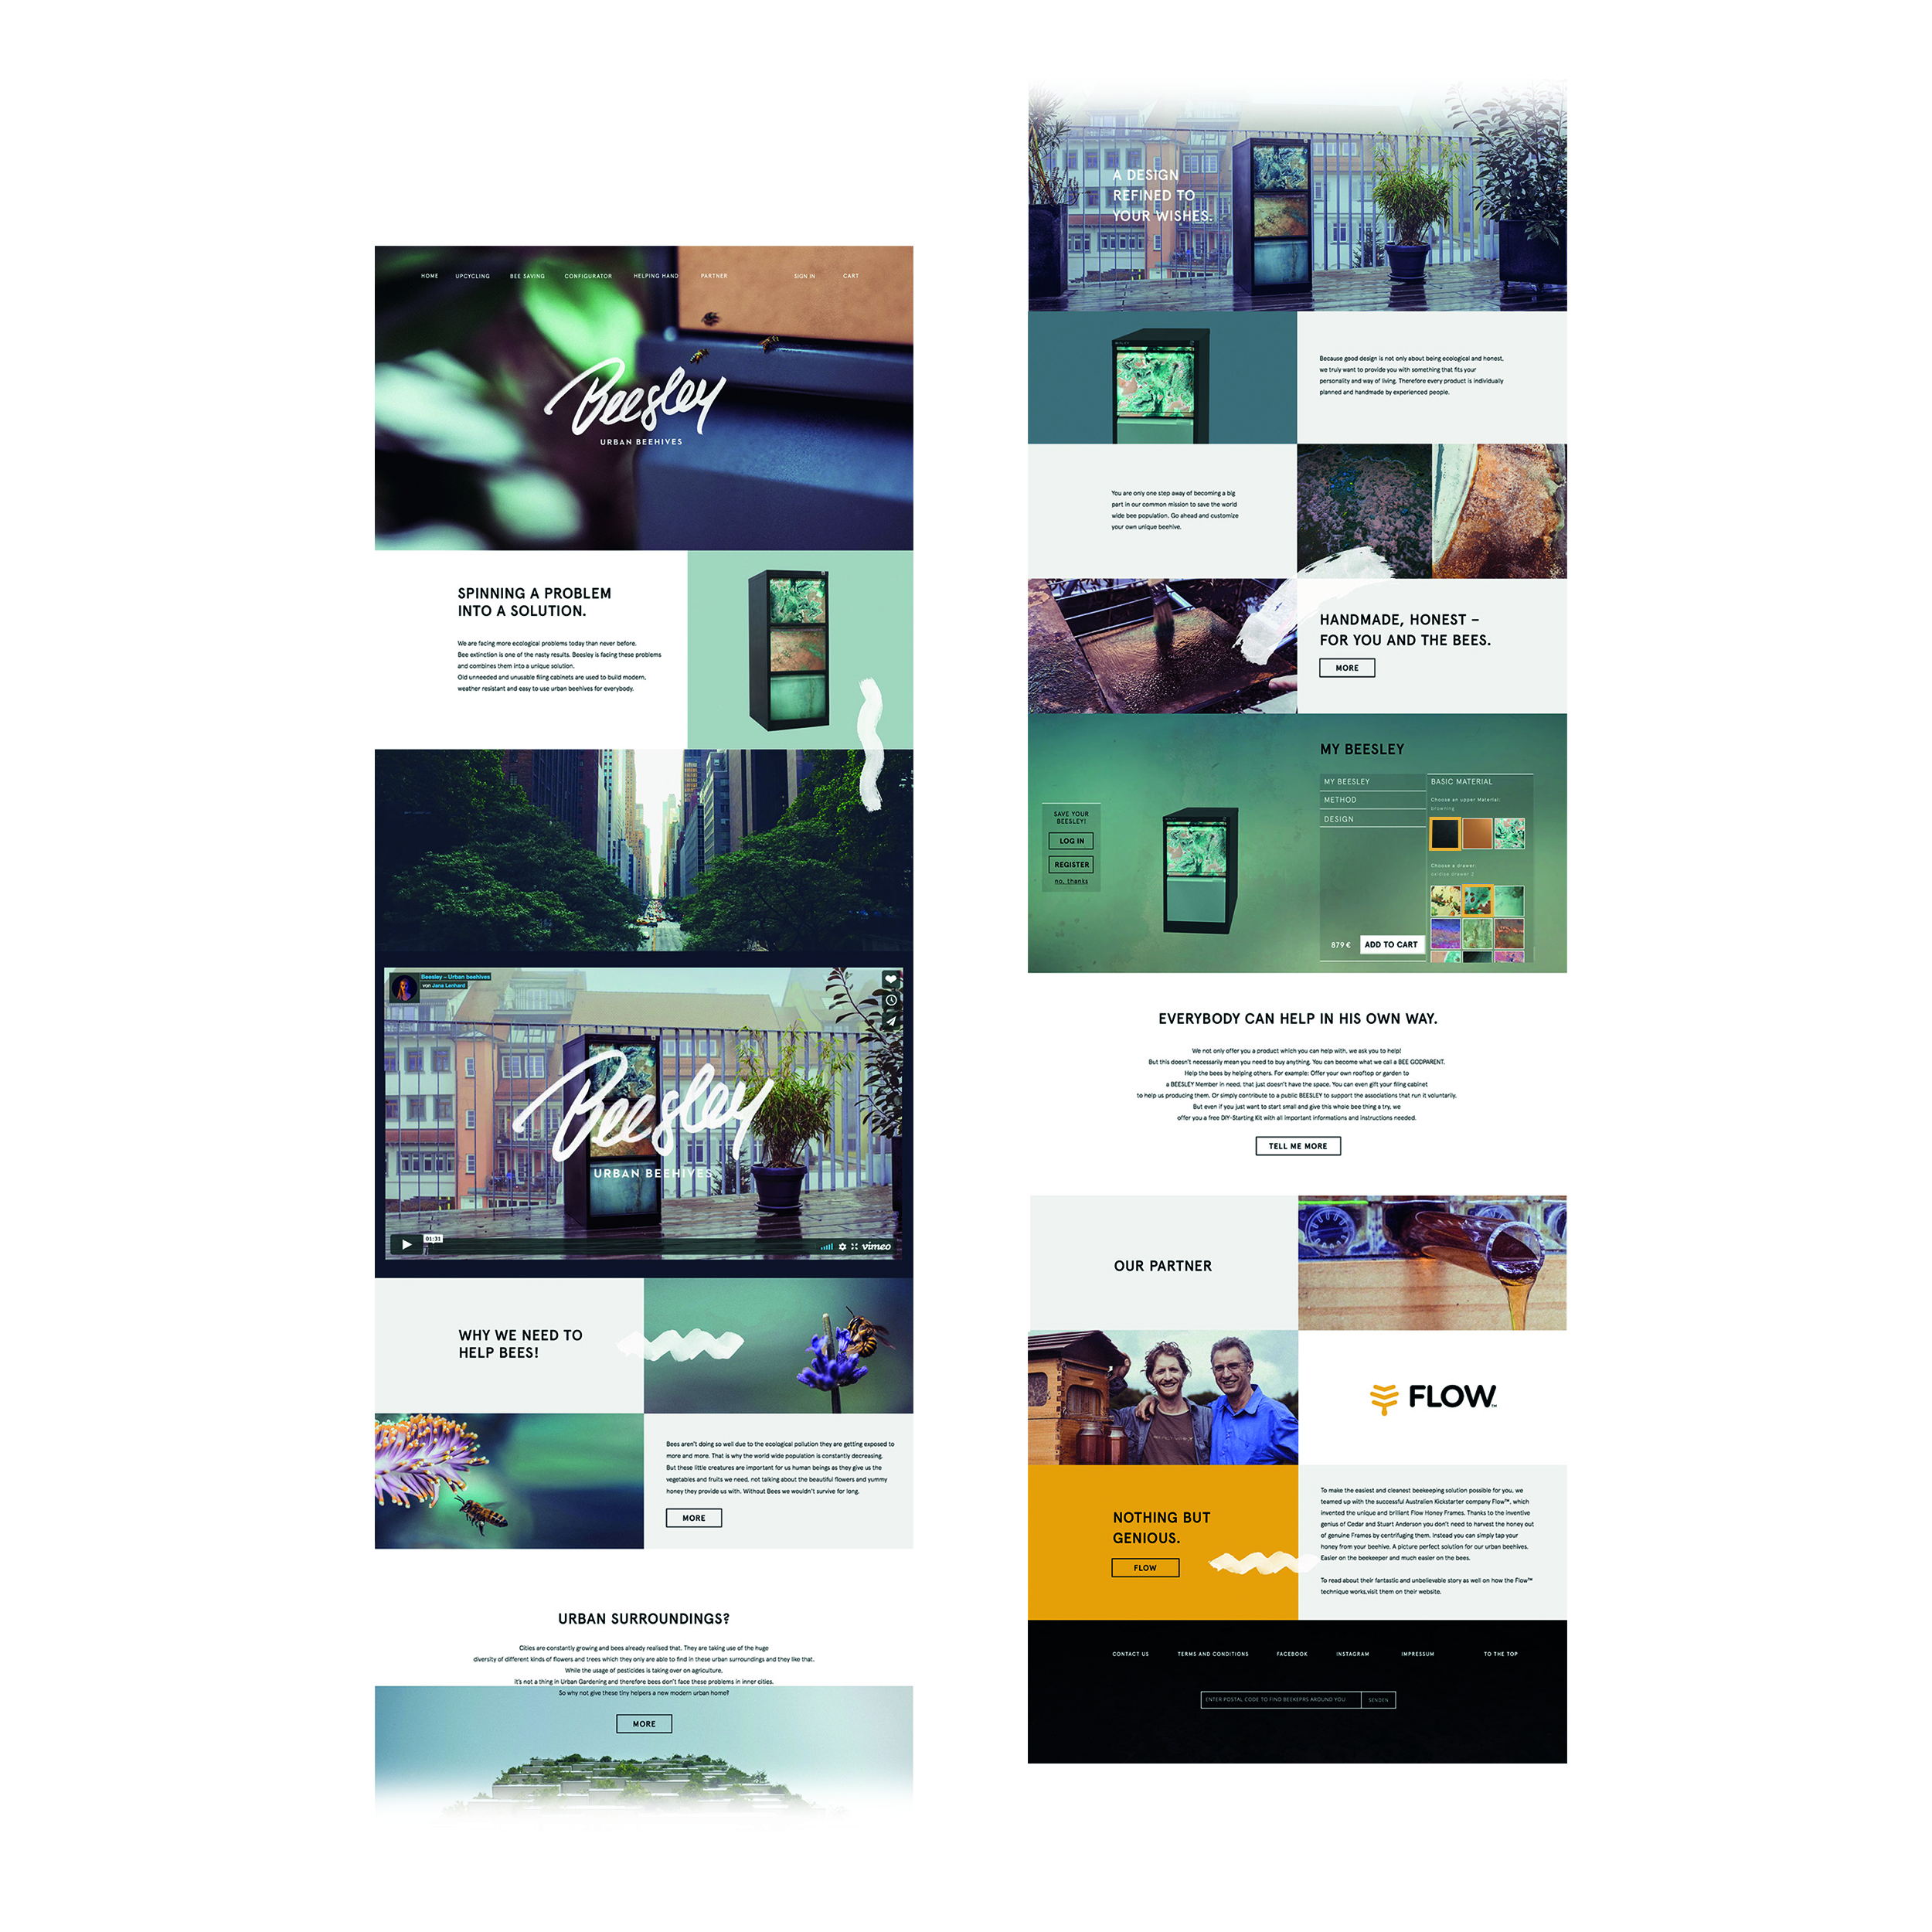 beesley_web